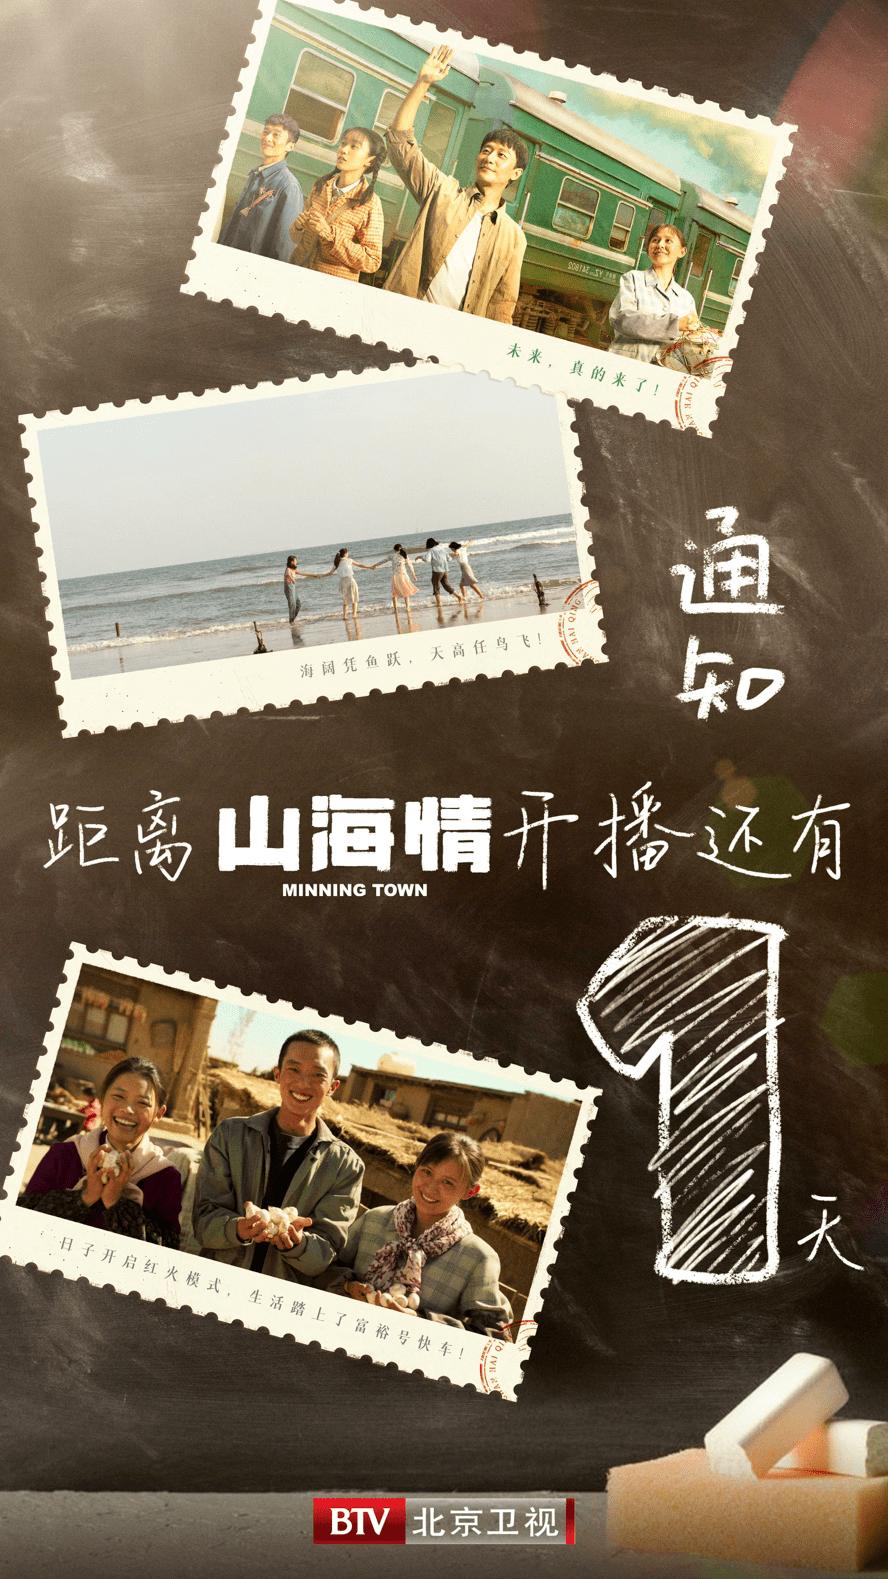 距离北京卫视《山海情》开播还有1天!